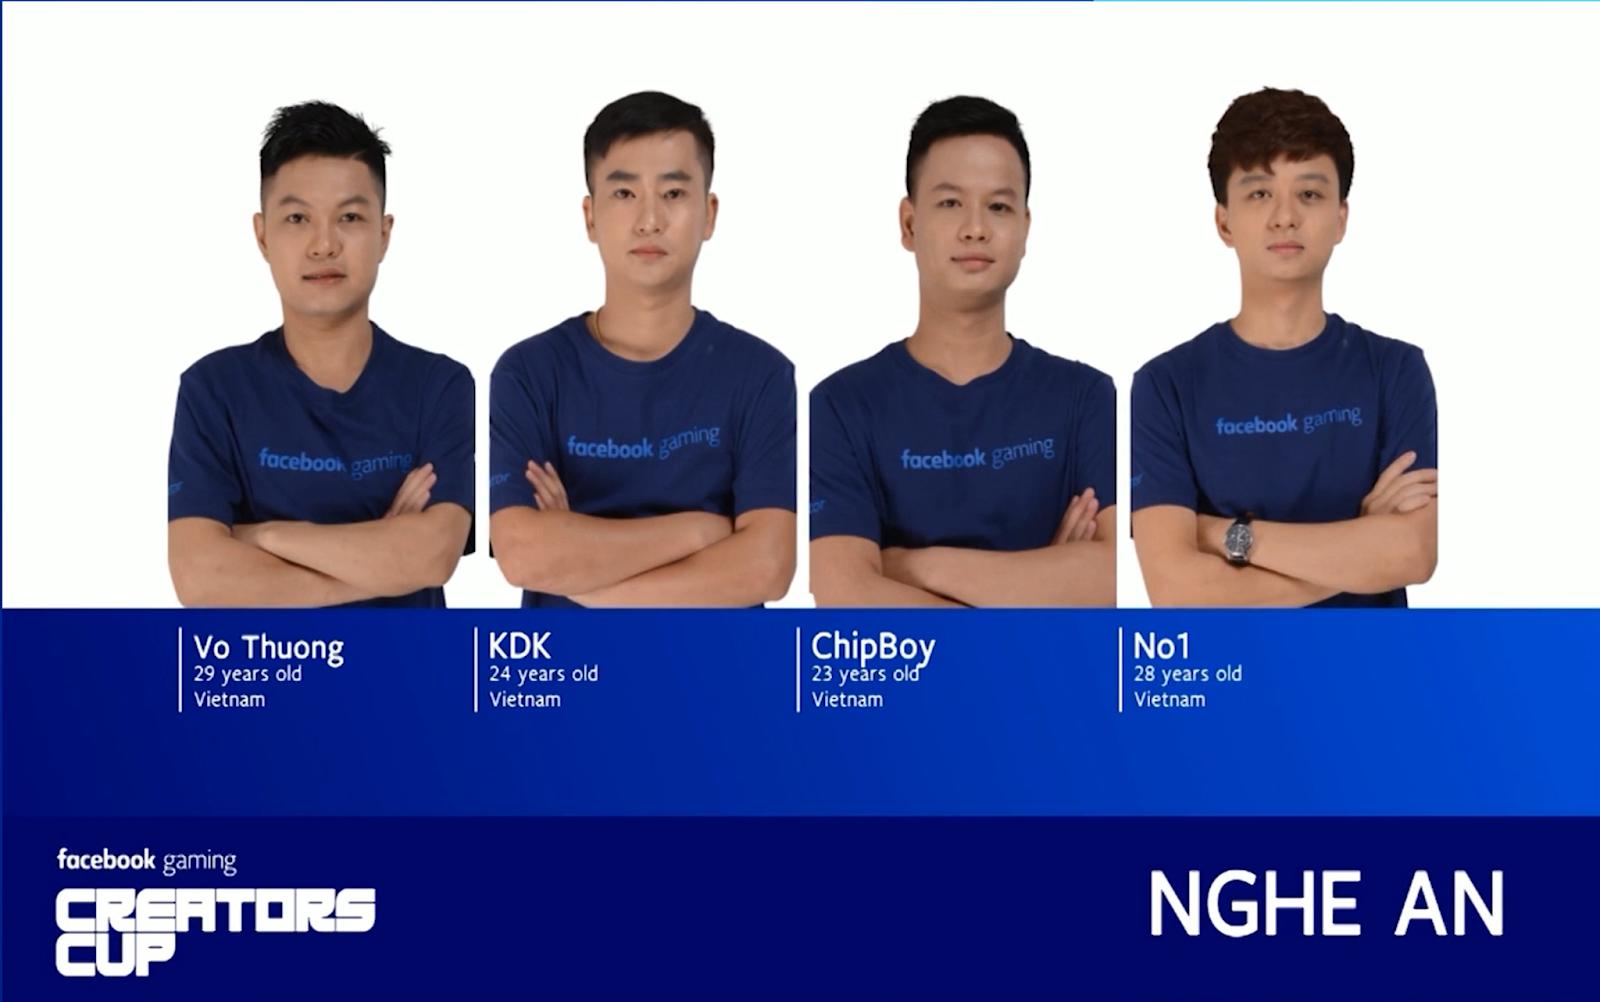 Cộng đồng AoE Việt nói gì sau chiến thắng đầy thuyết phục của Nghệ An trước Sparta tại vòng 5 giải đấu AoE Facebook Gaming Creators Cup 2019